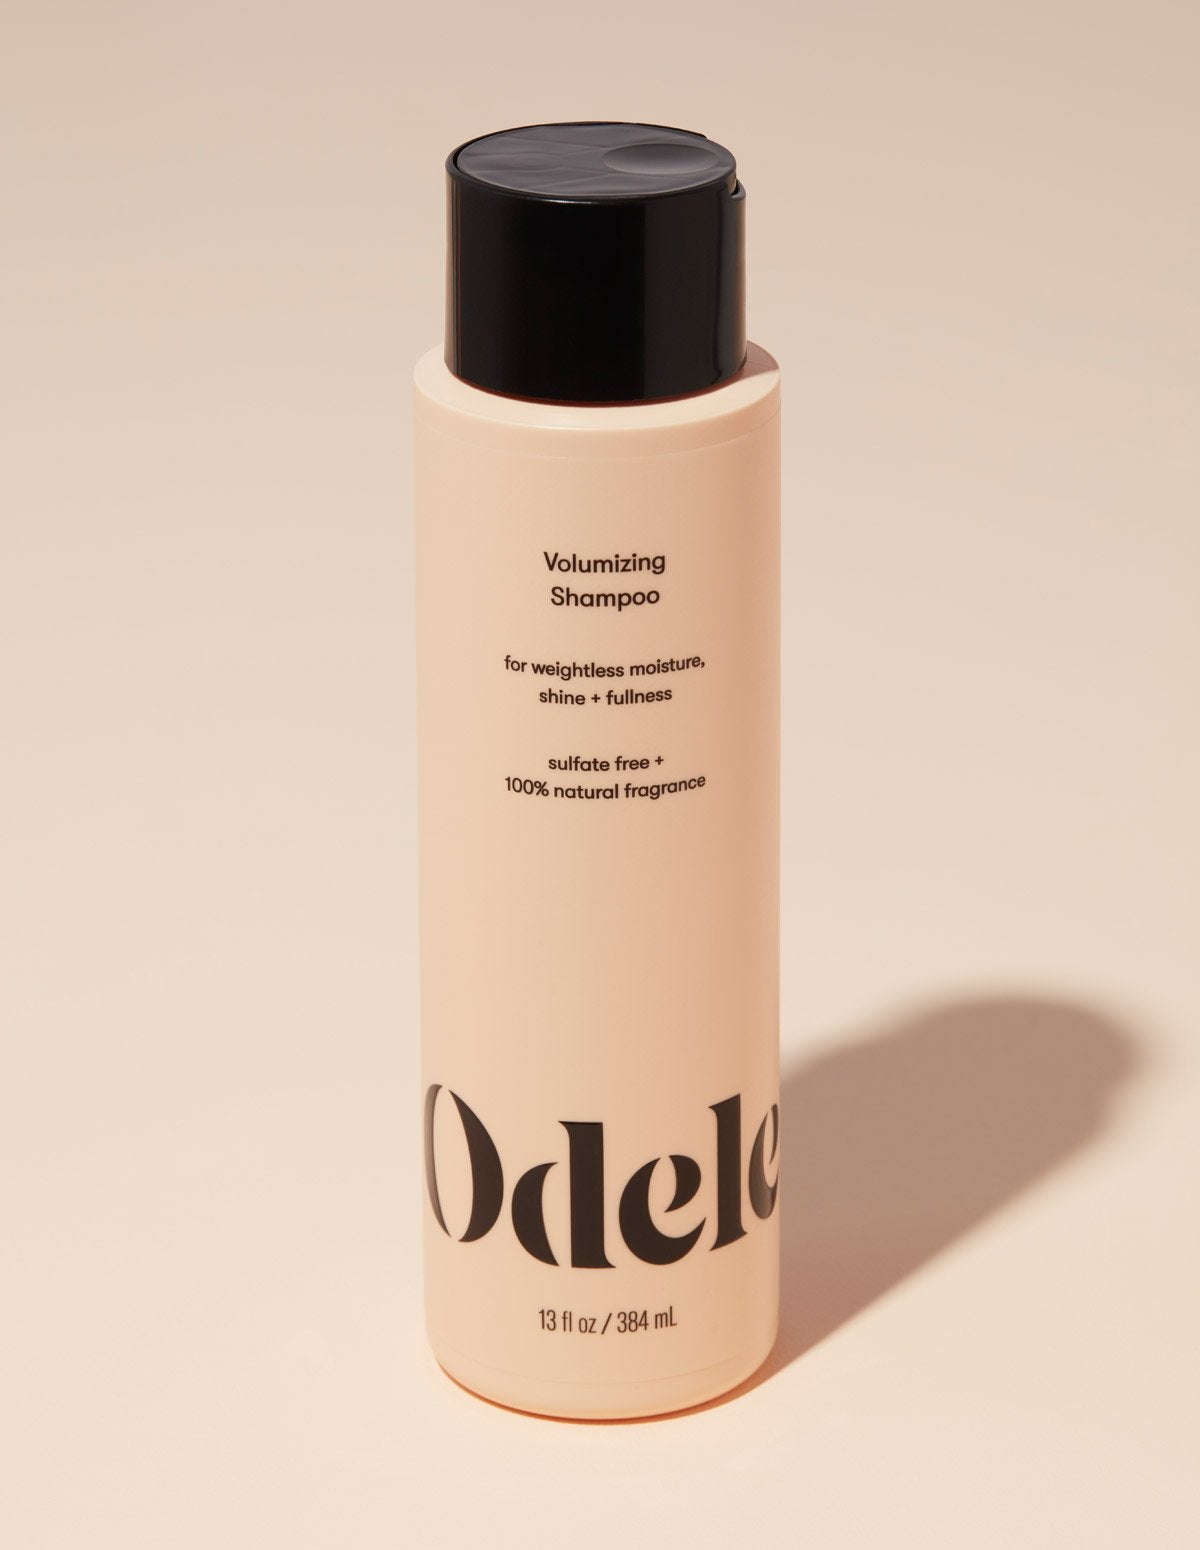 Volumizing Shampoo